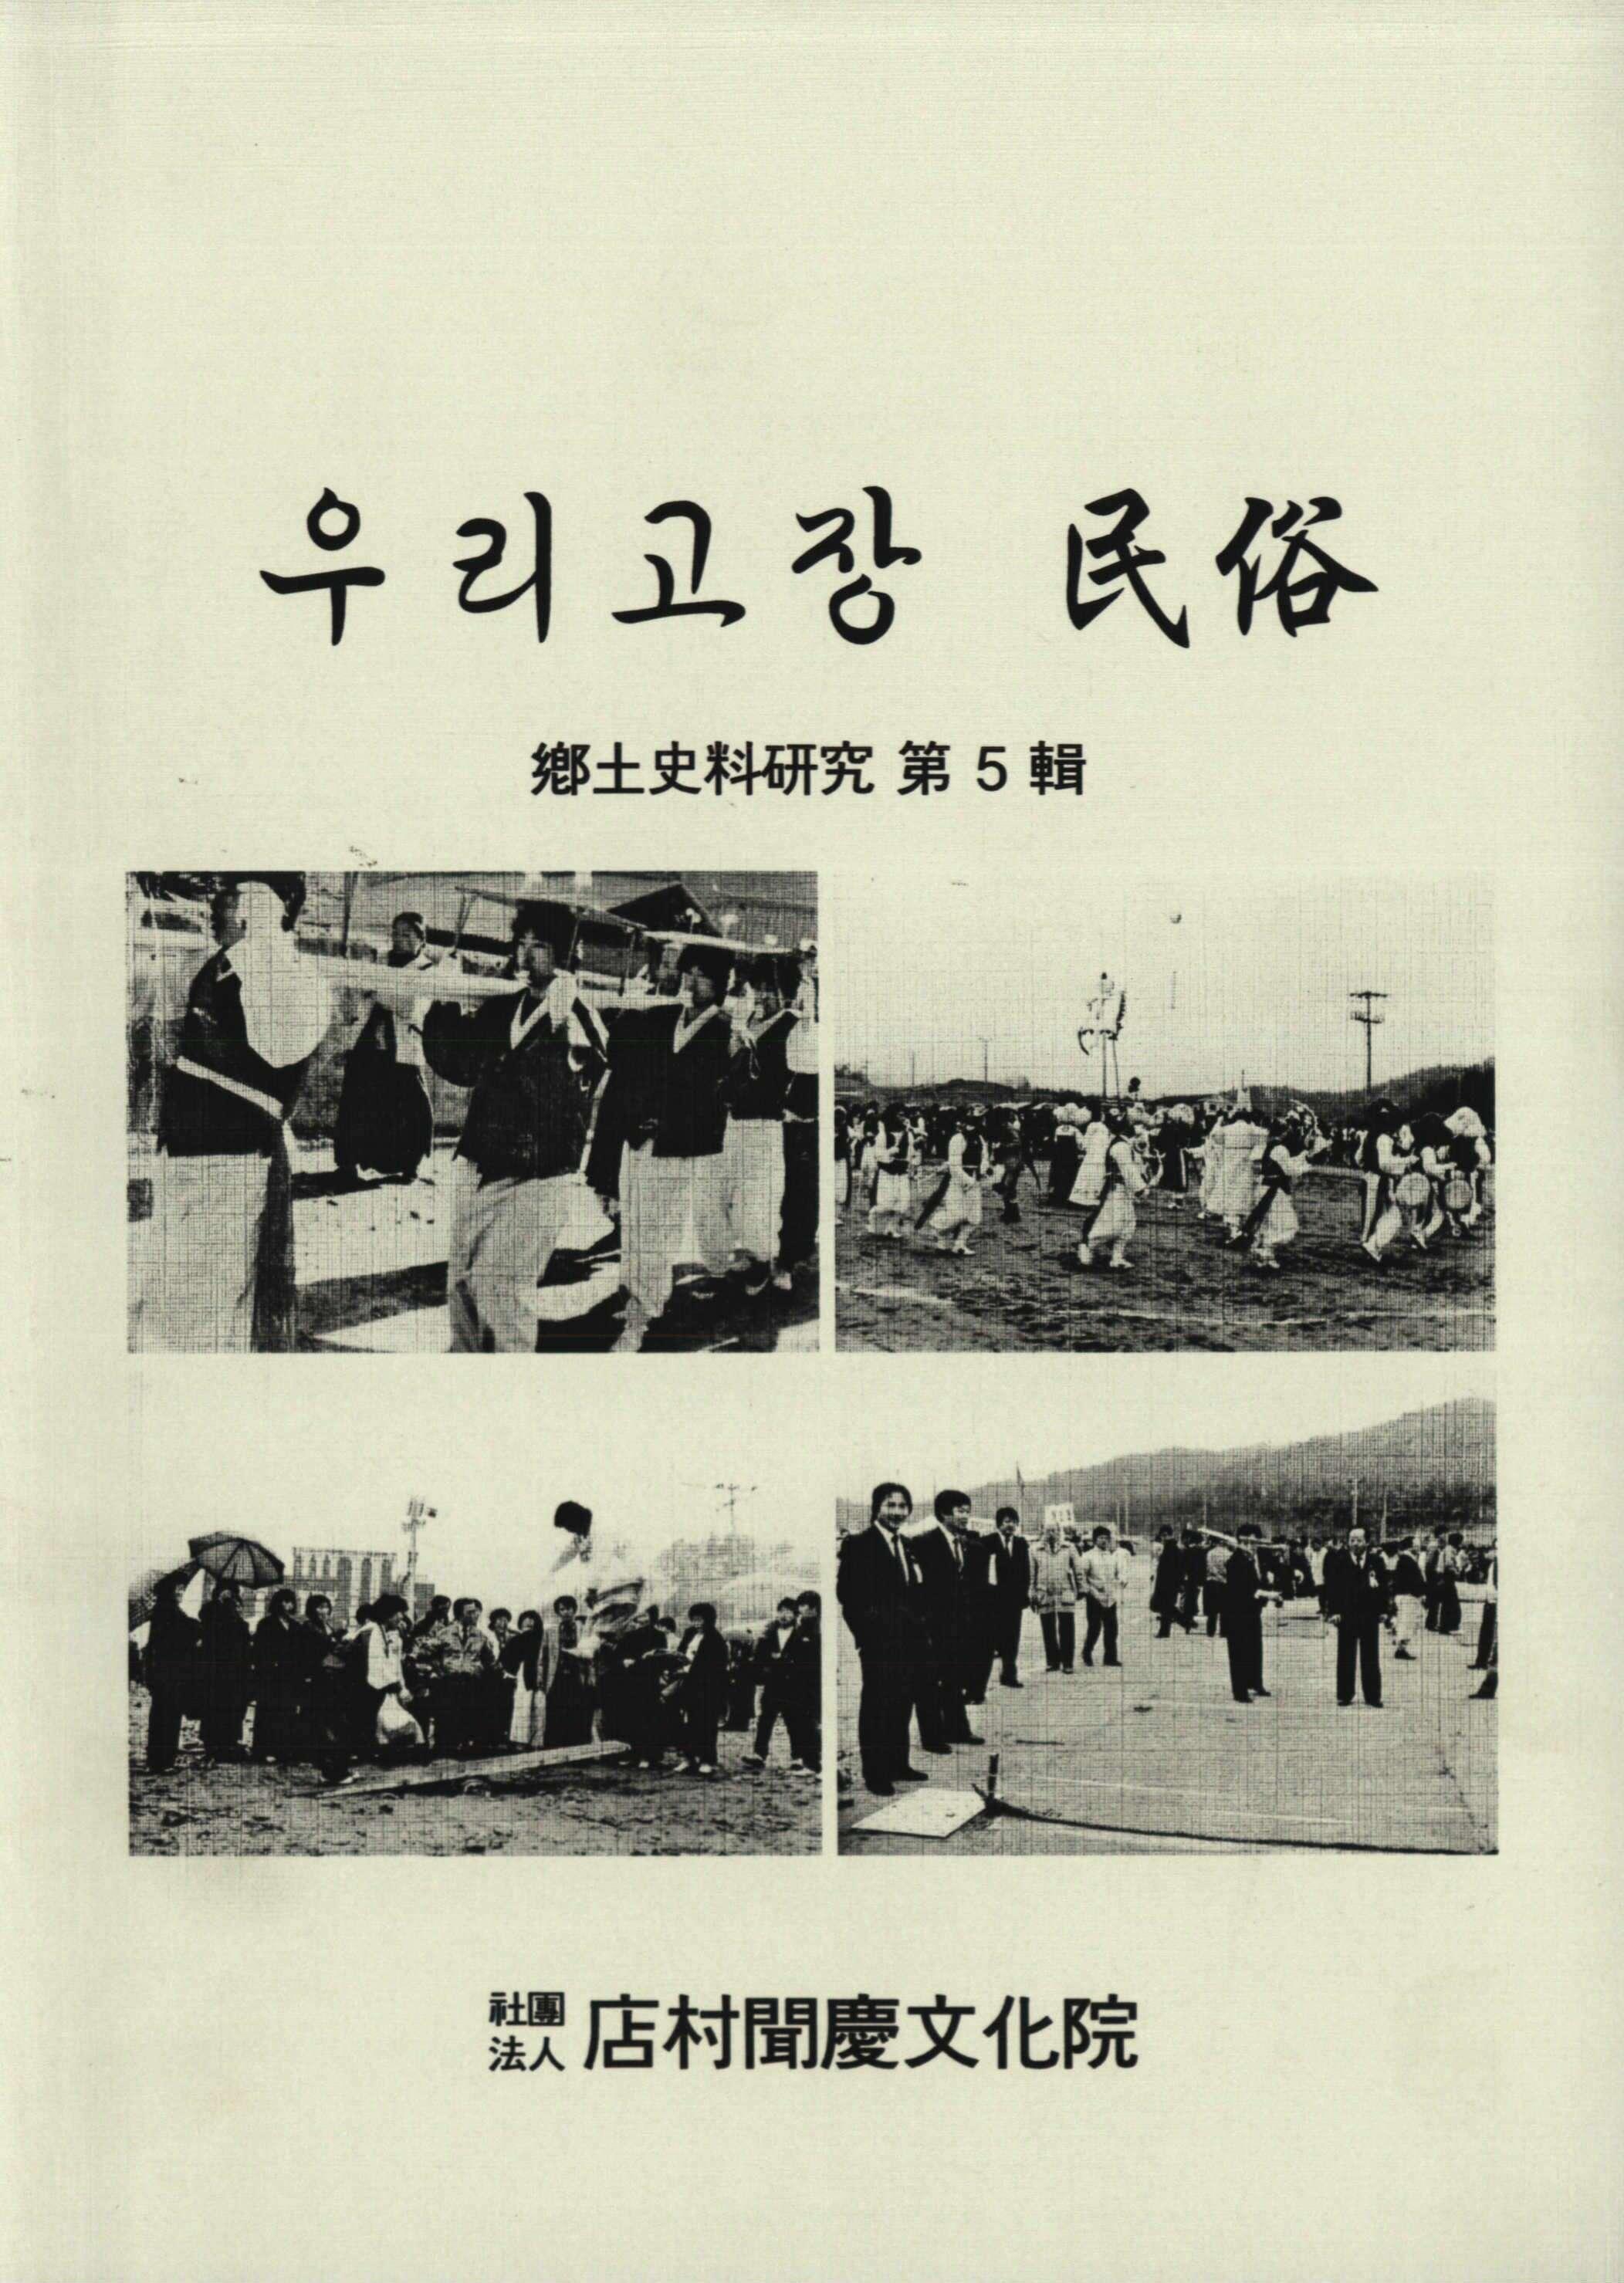 鄕土史料硏究 제5집 우리고장 民俗 (향토사료연구 제5집 우리고장 민속)